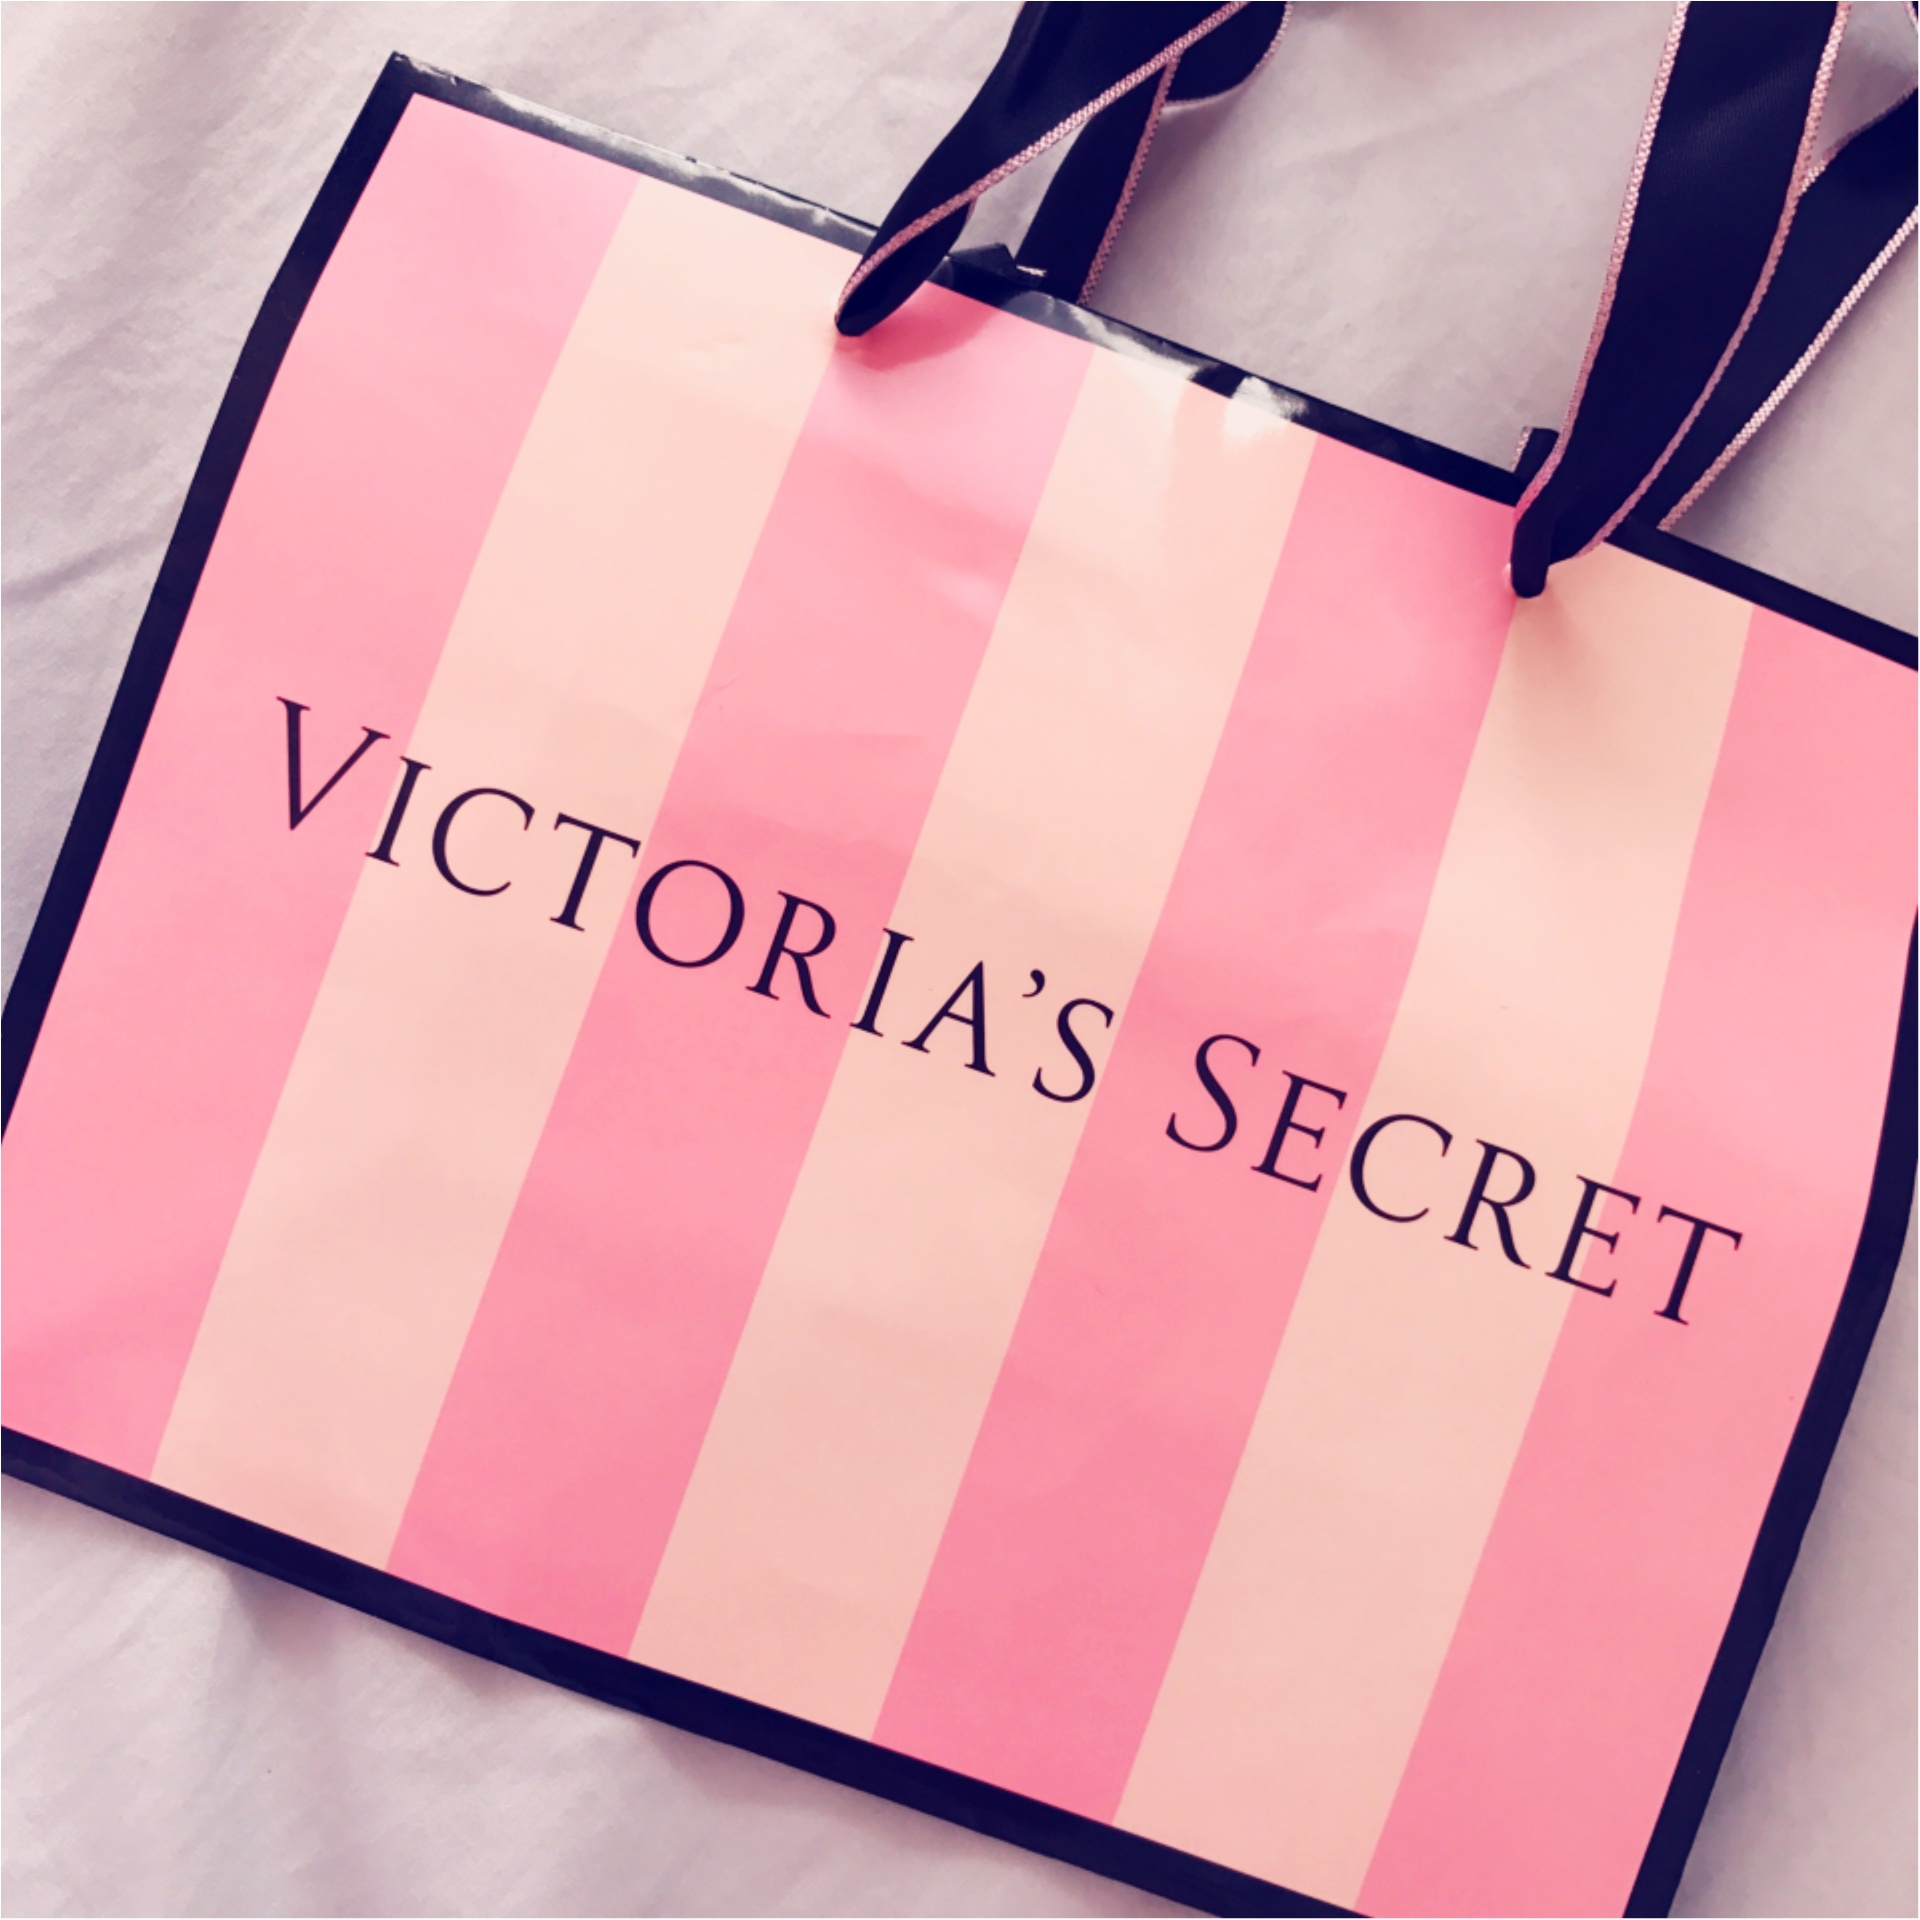 ★セクシーなだけじゃない!お土産にも喜ばれる『VICTORIA'S SECRET』の下着はこんなにPOPで使い心地抜群★_1